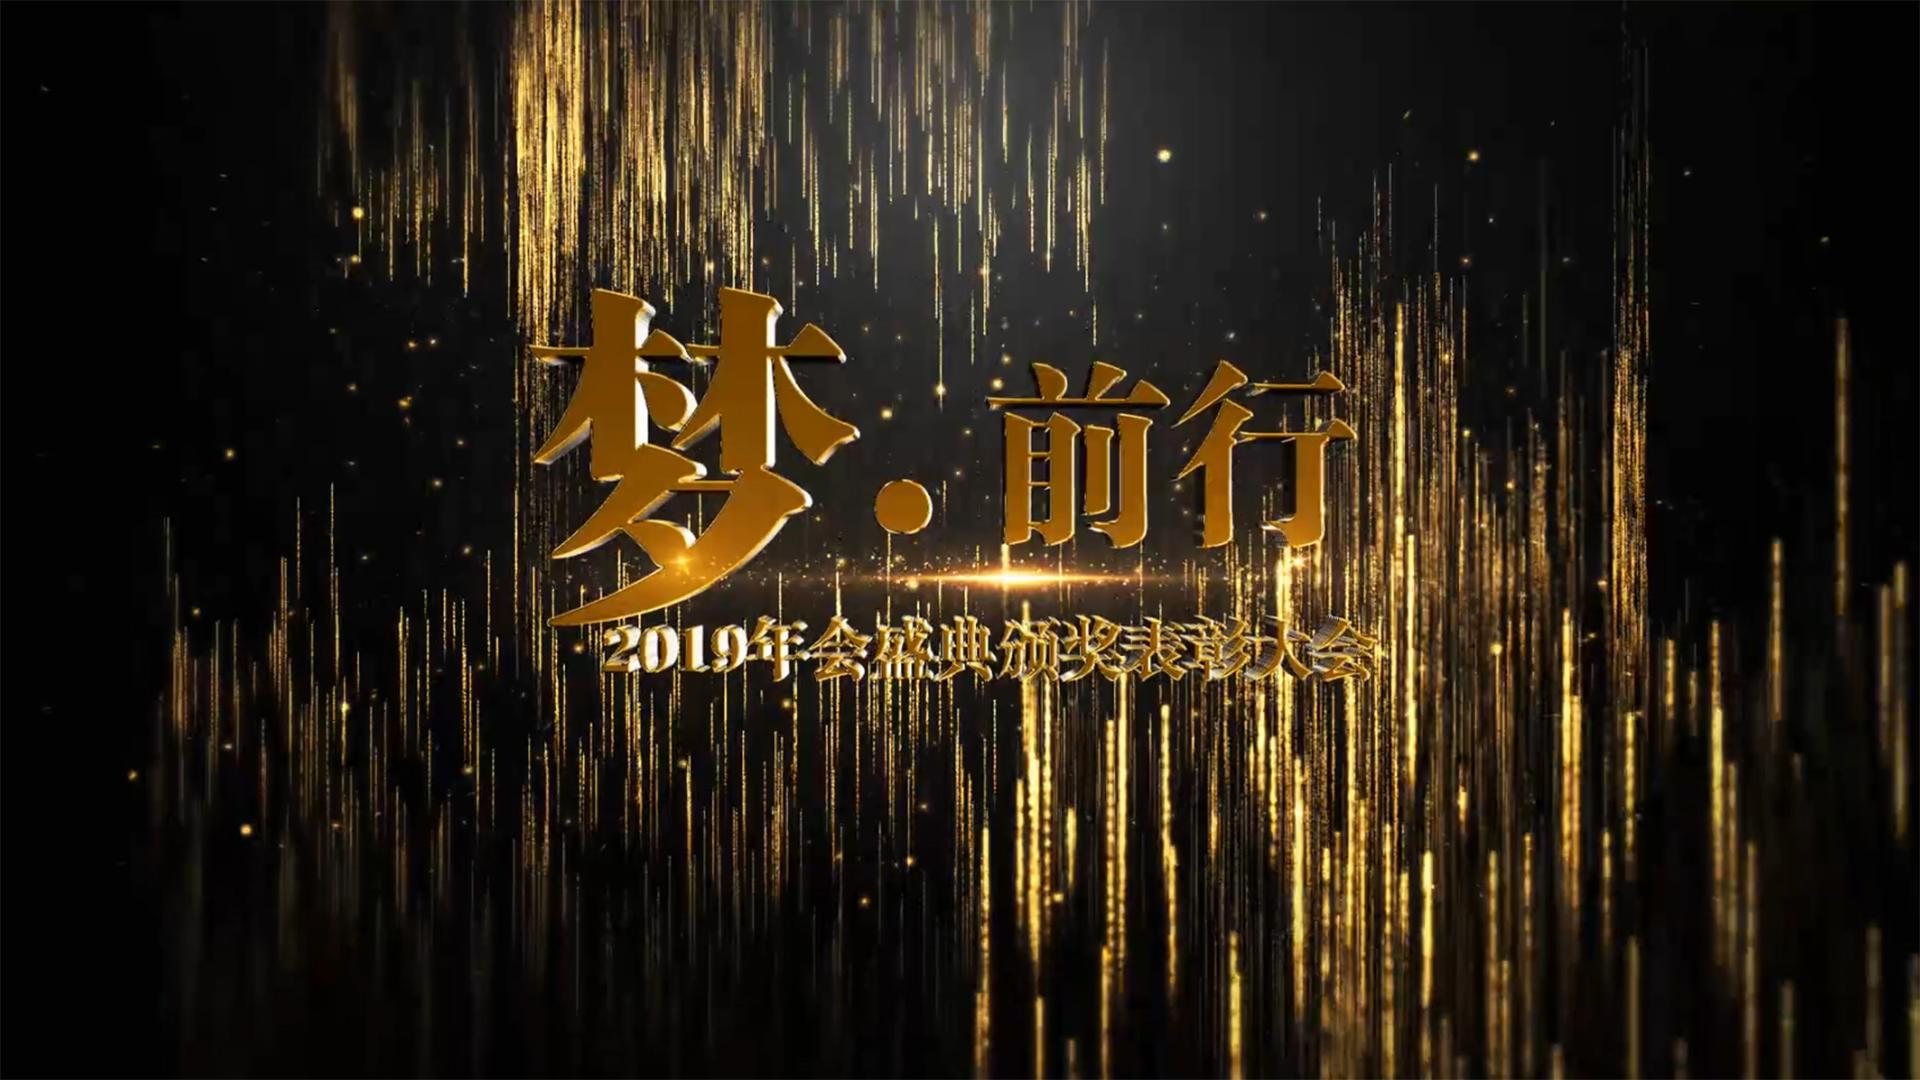 2019颁奖晚会开场AE模板